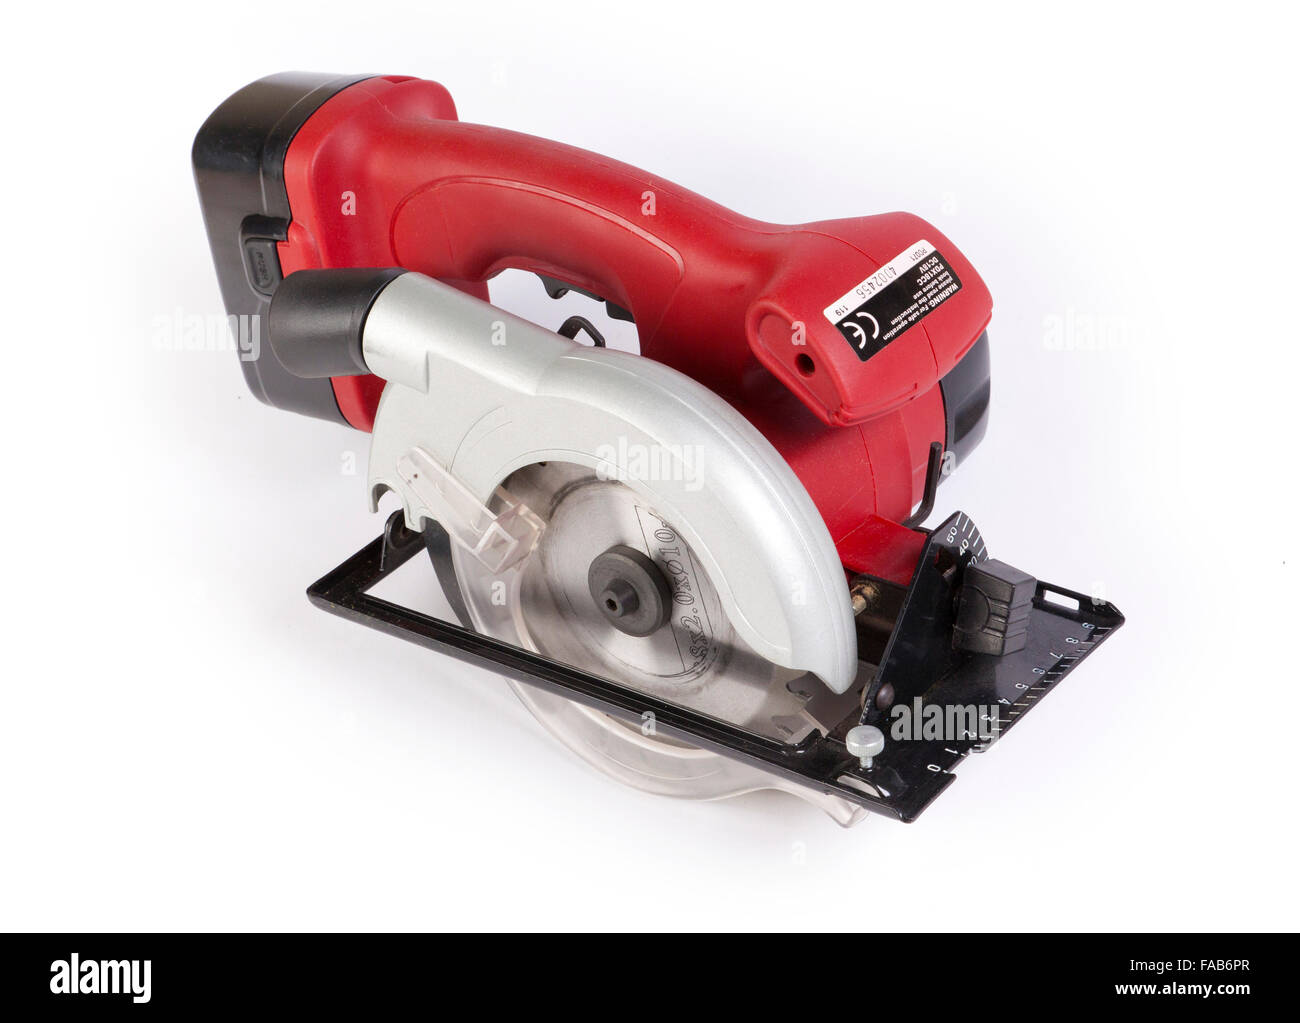 cordless circular saw powertool - Stock Image